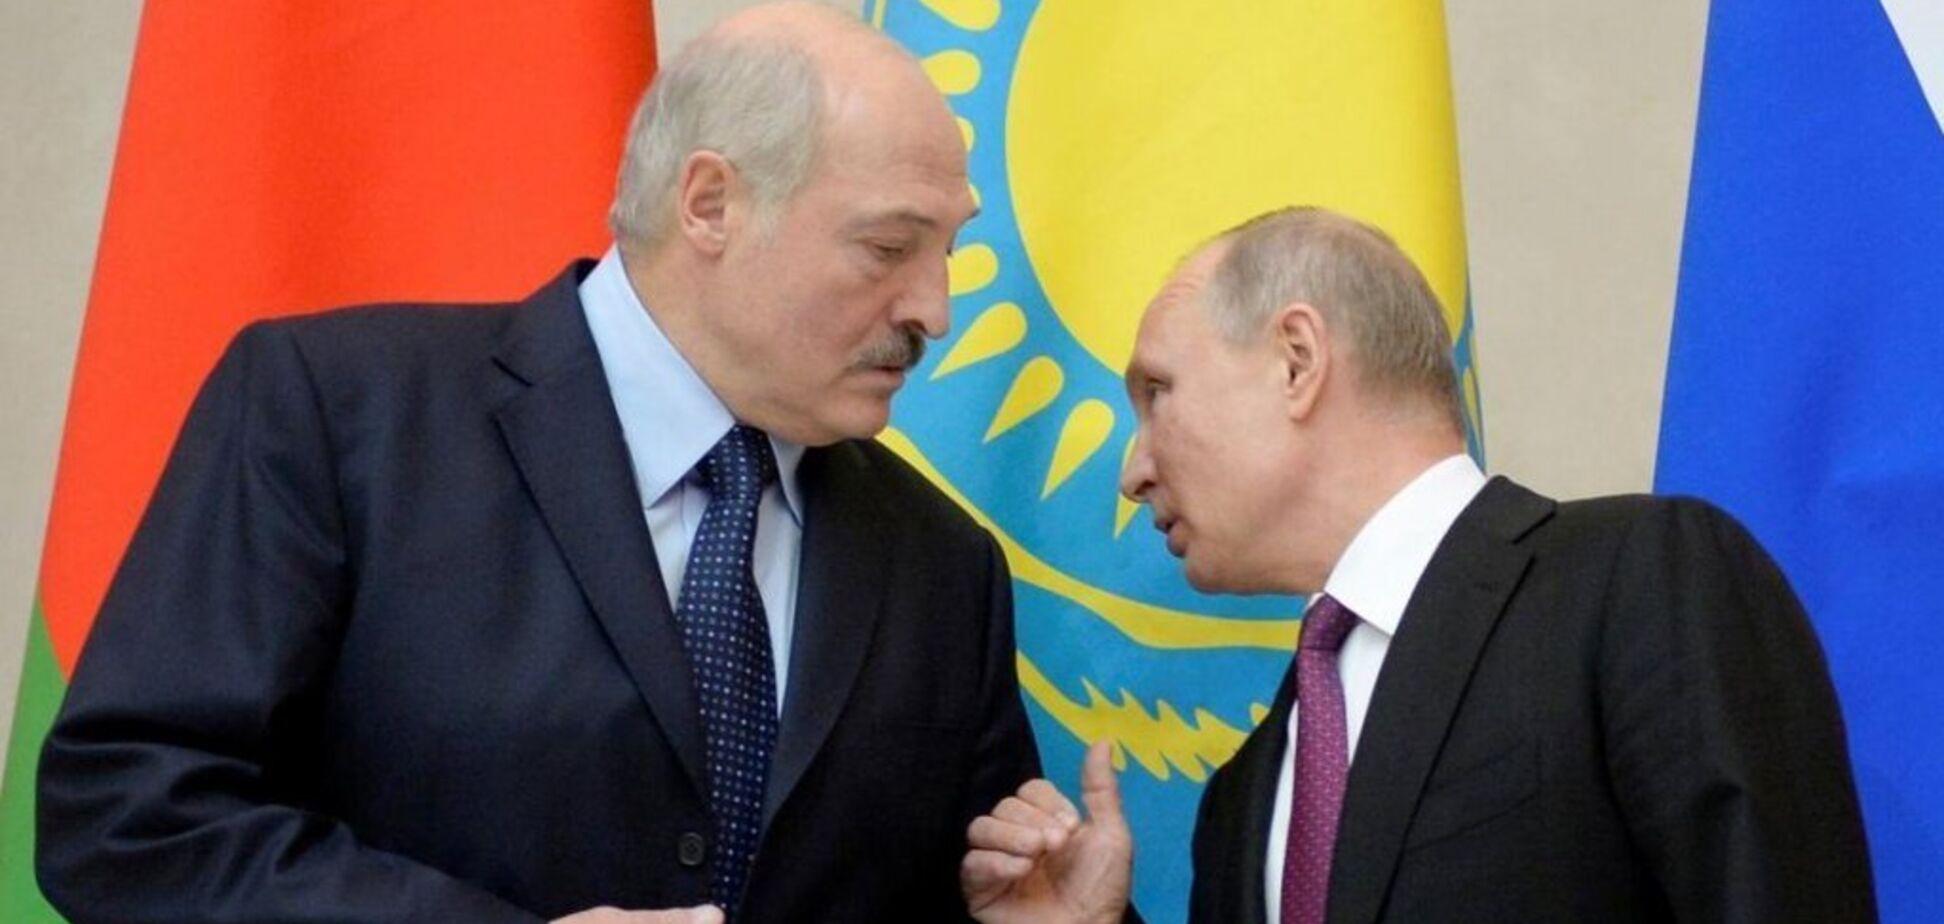 'Путин достигнет успеха': экс-глава Беларуси дал неутешительный прогноз для Лукашенко